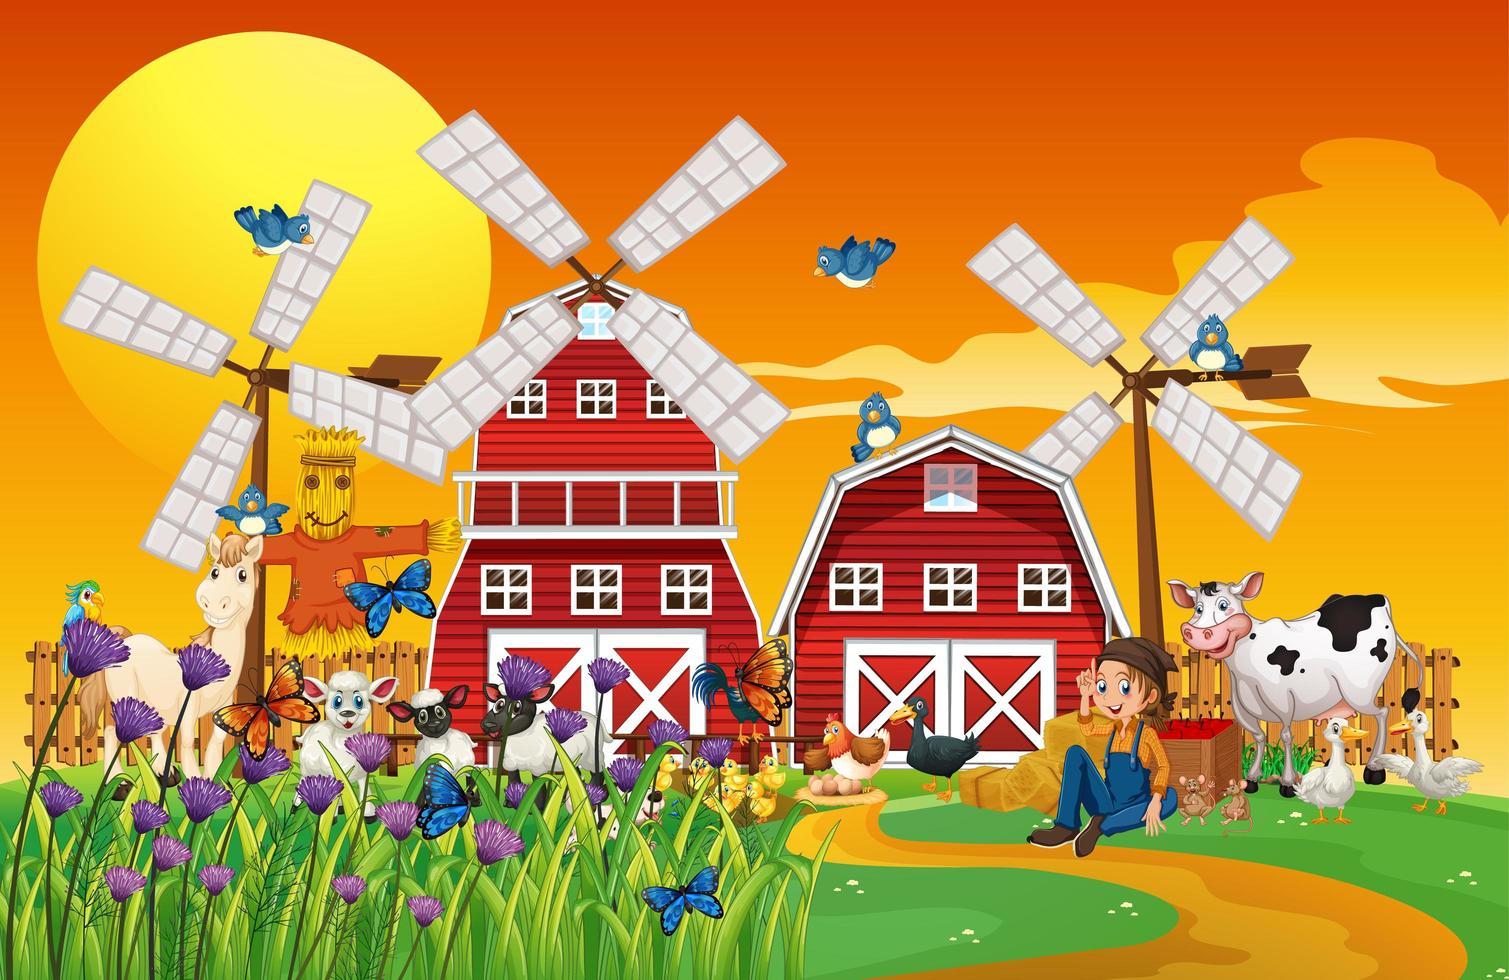 Bauernhof in der Naturszene mit Scheunen und Tieren vektor